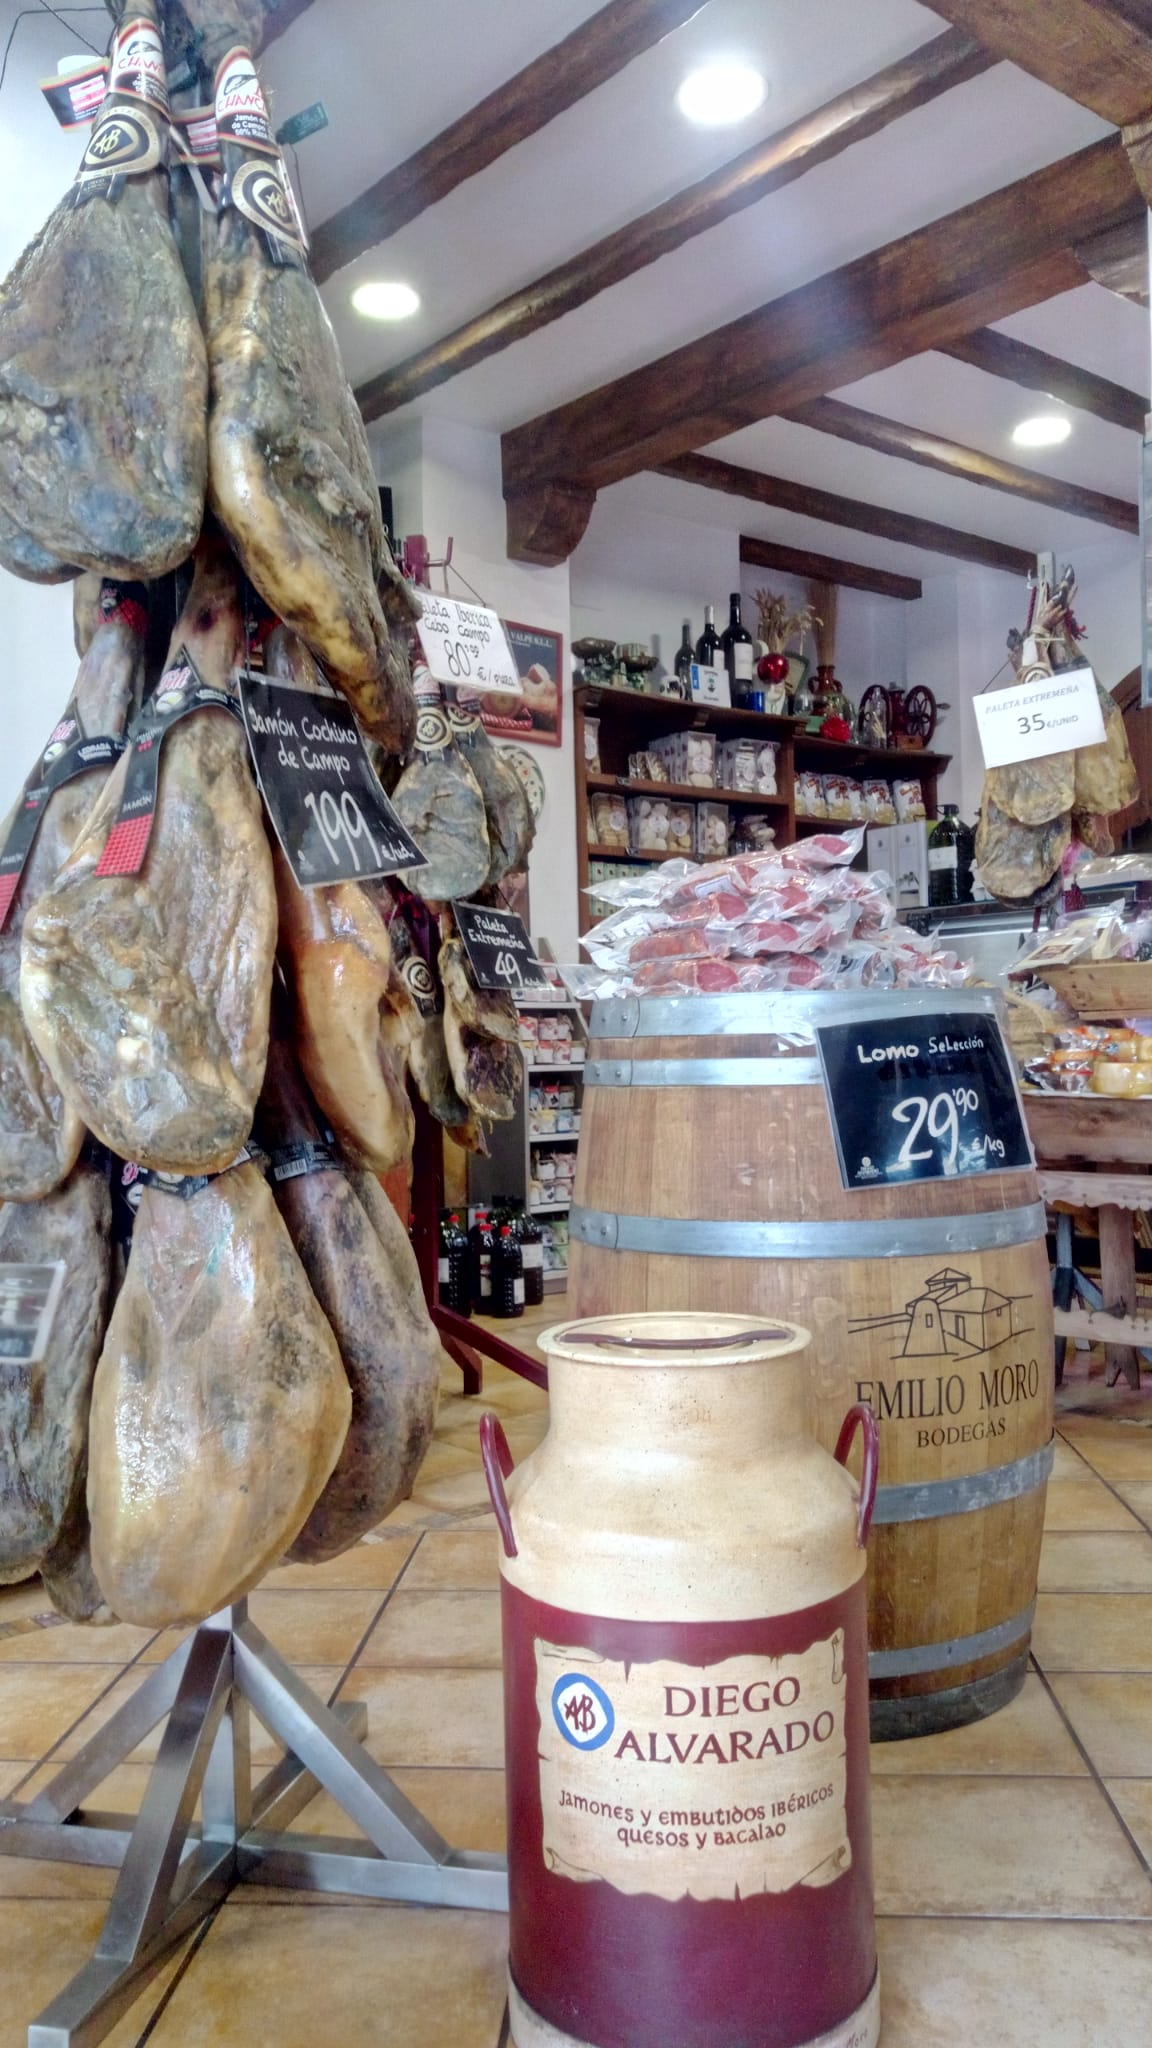 Productos Extremeños Ibericos Alvarado Valdefuentes Cáceres (1)